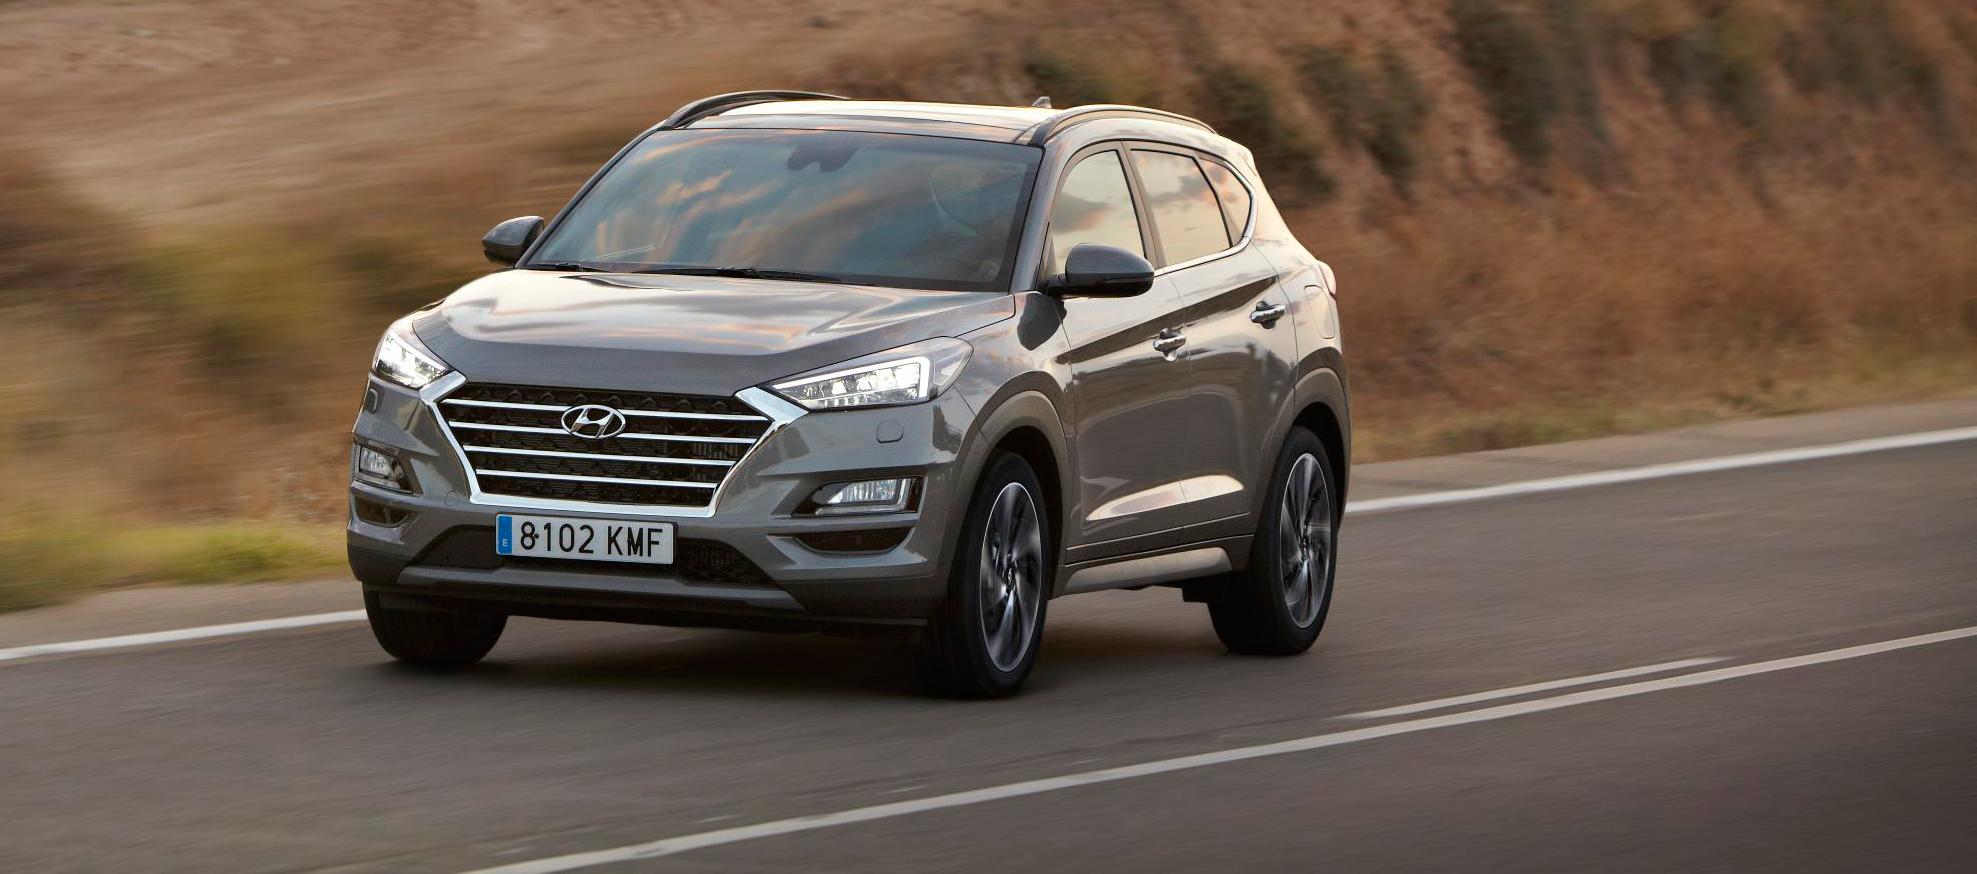 Hyundai Tucson Premio mejor coche familiar de importación 2019